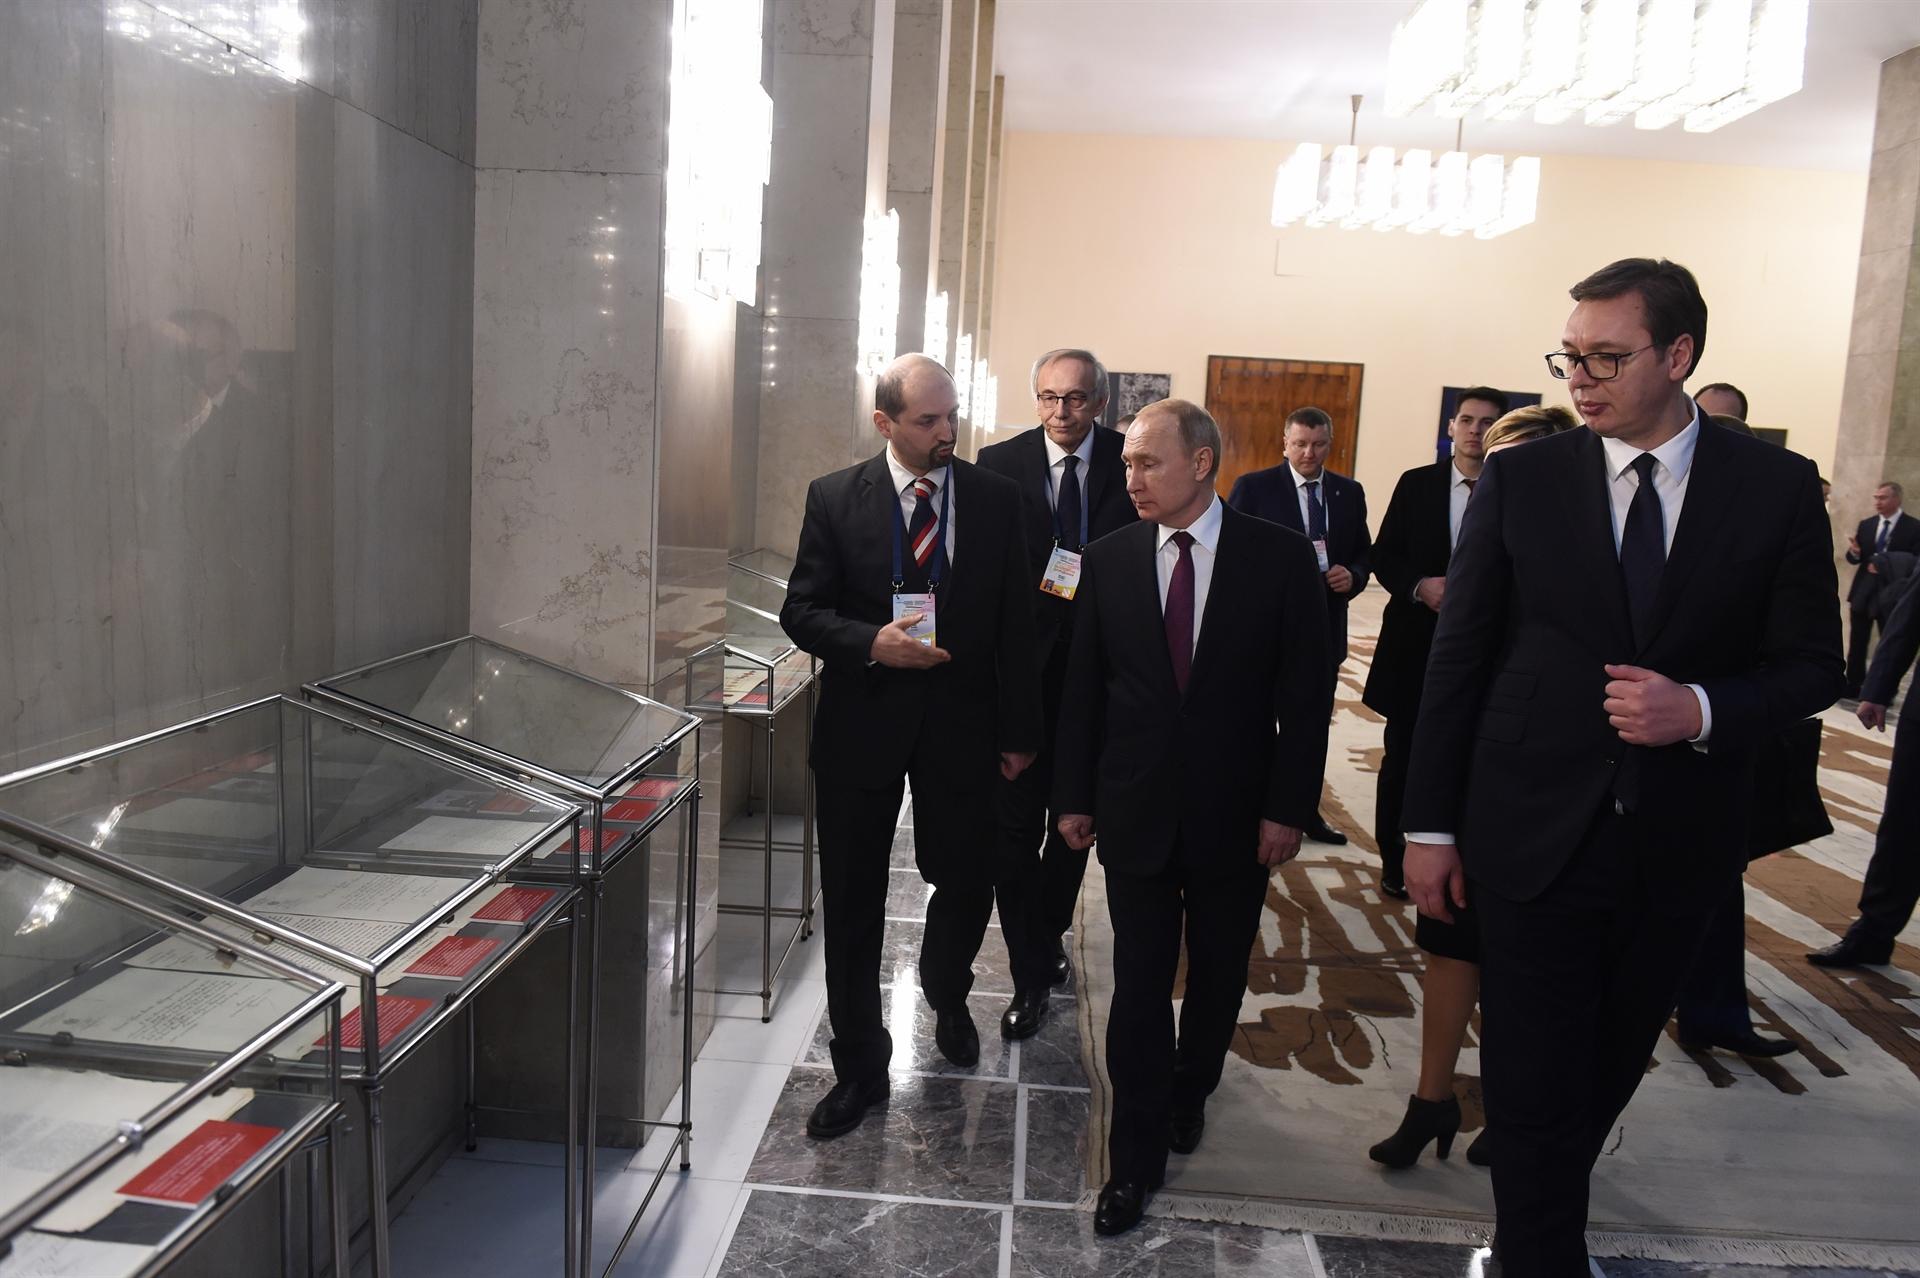 Sastanak srpske i ruske delegacije, koju predvode predsednici Srbije Aleksandar Vucic i Rusije Vladimir Putin